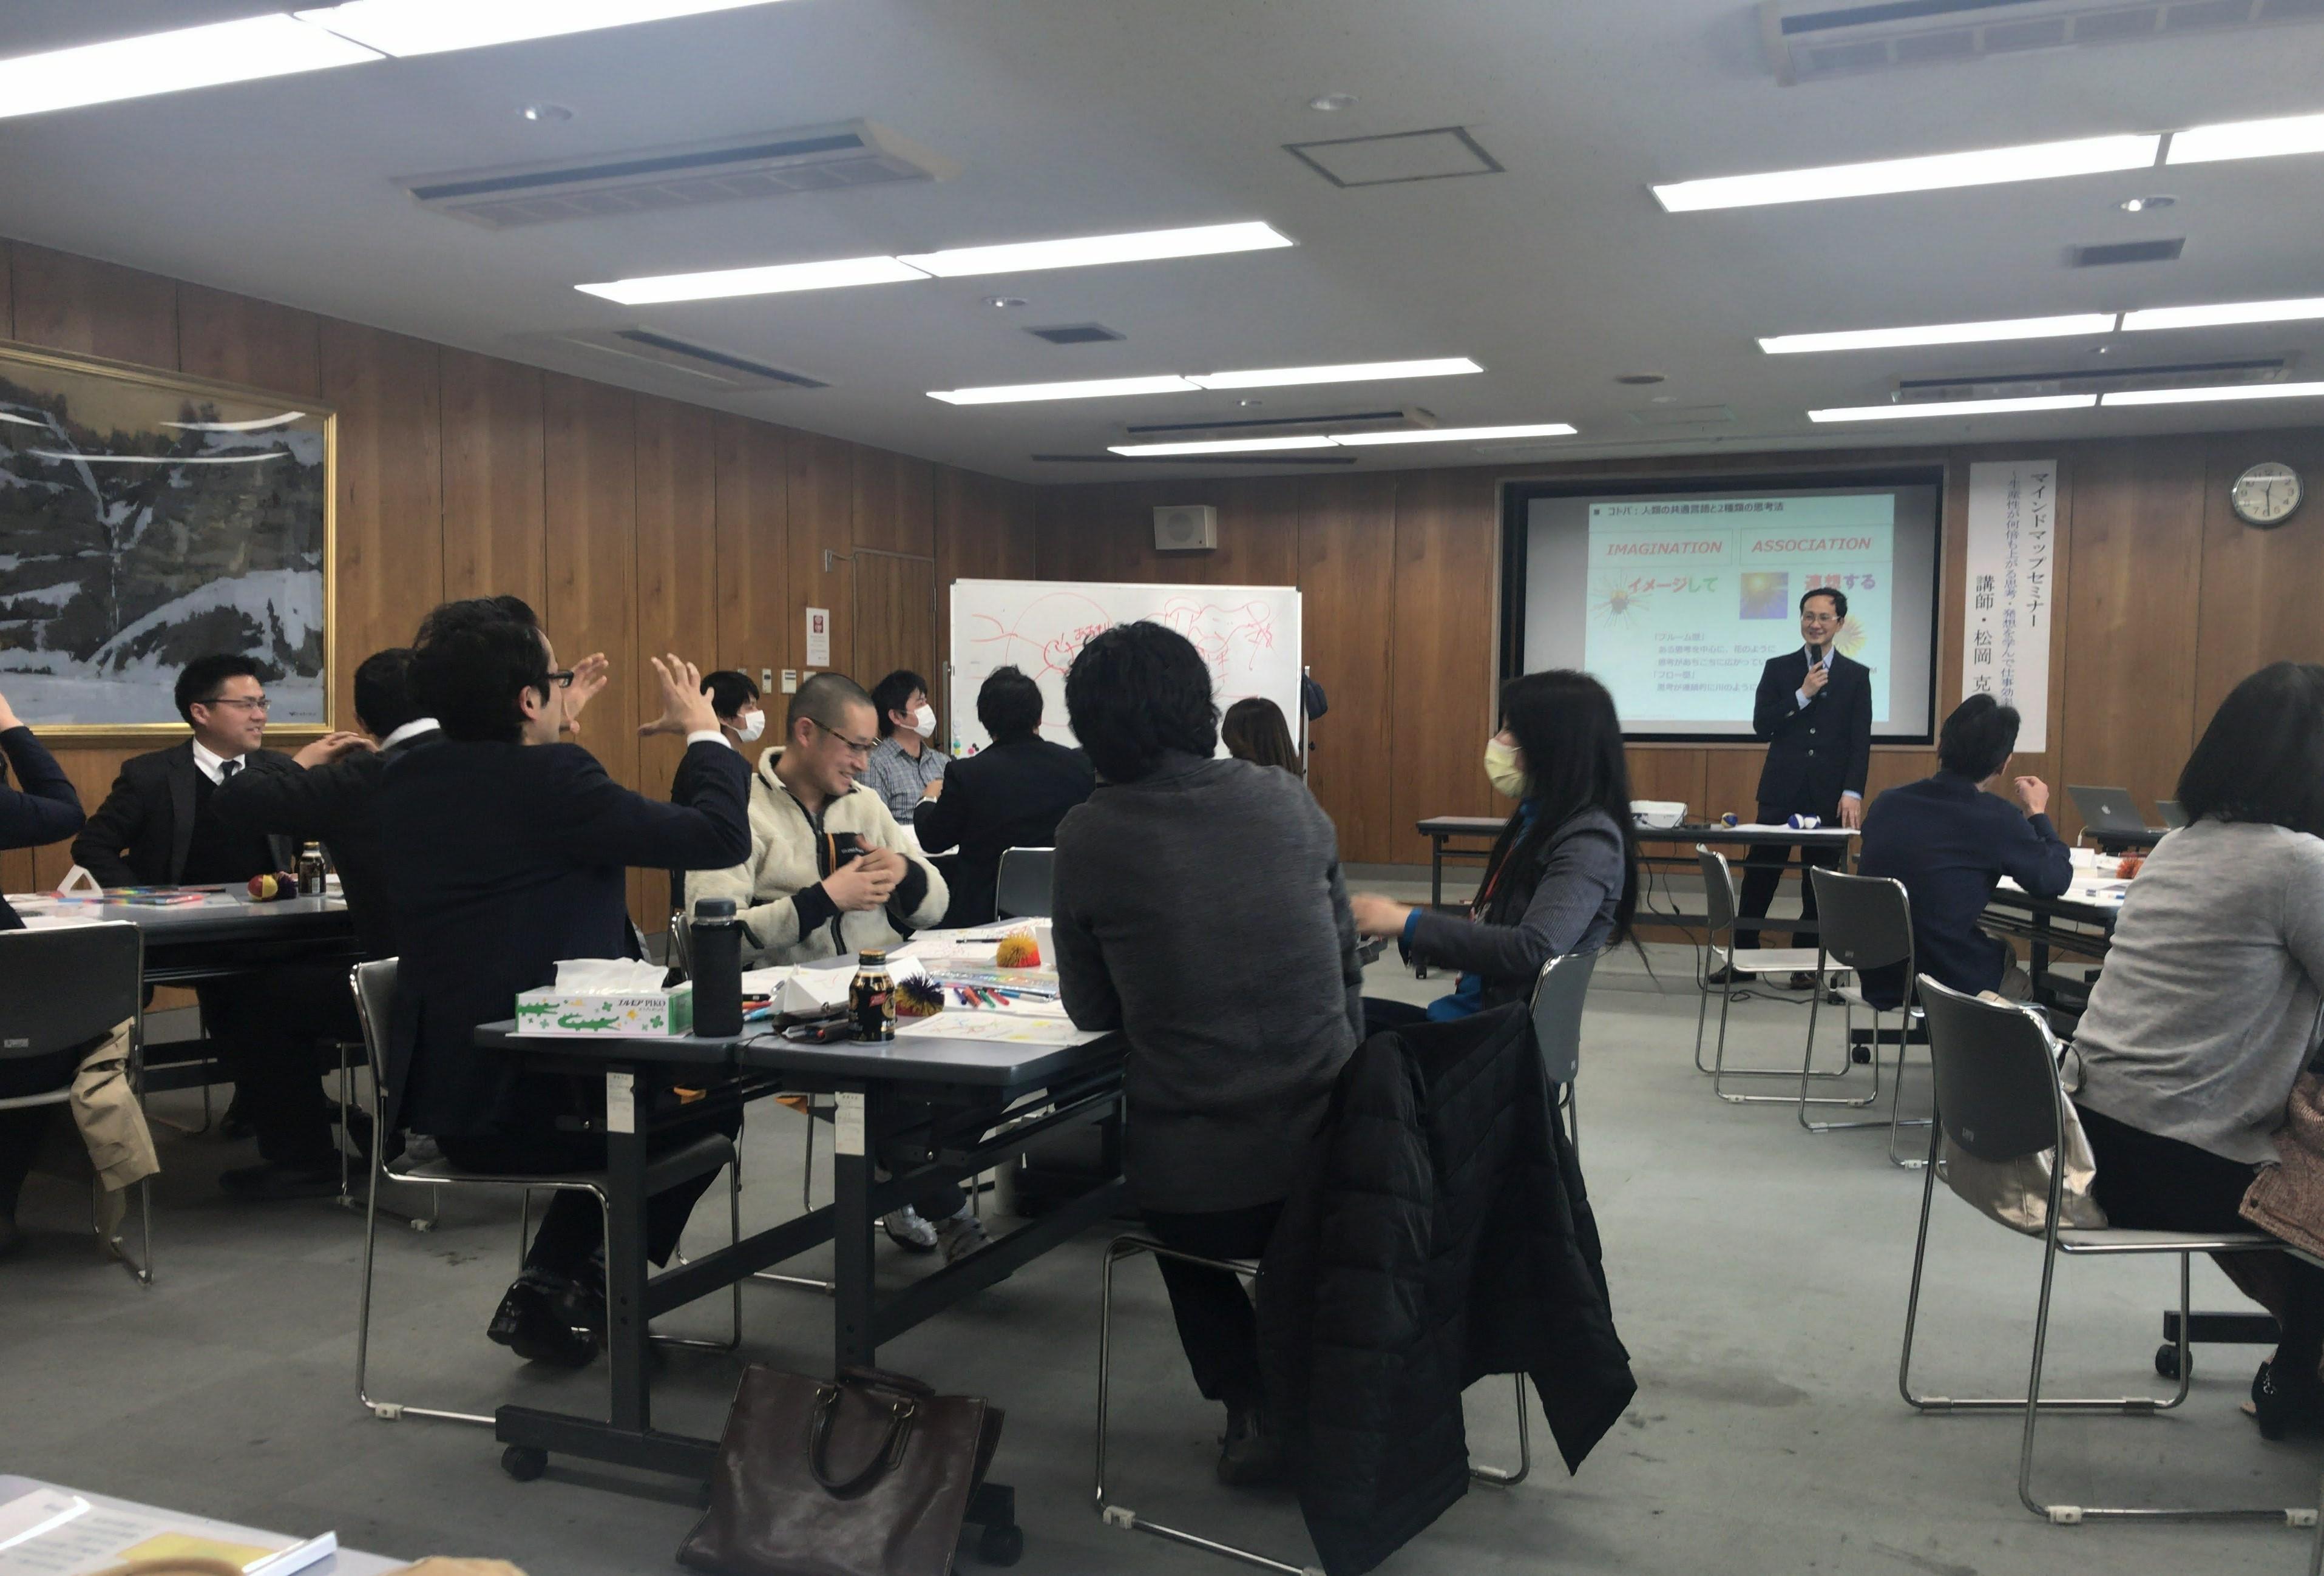 開催報告:秩父にてマインドマップ講座を開催しました!